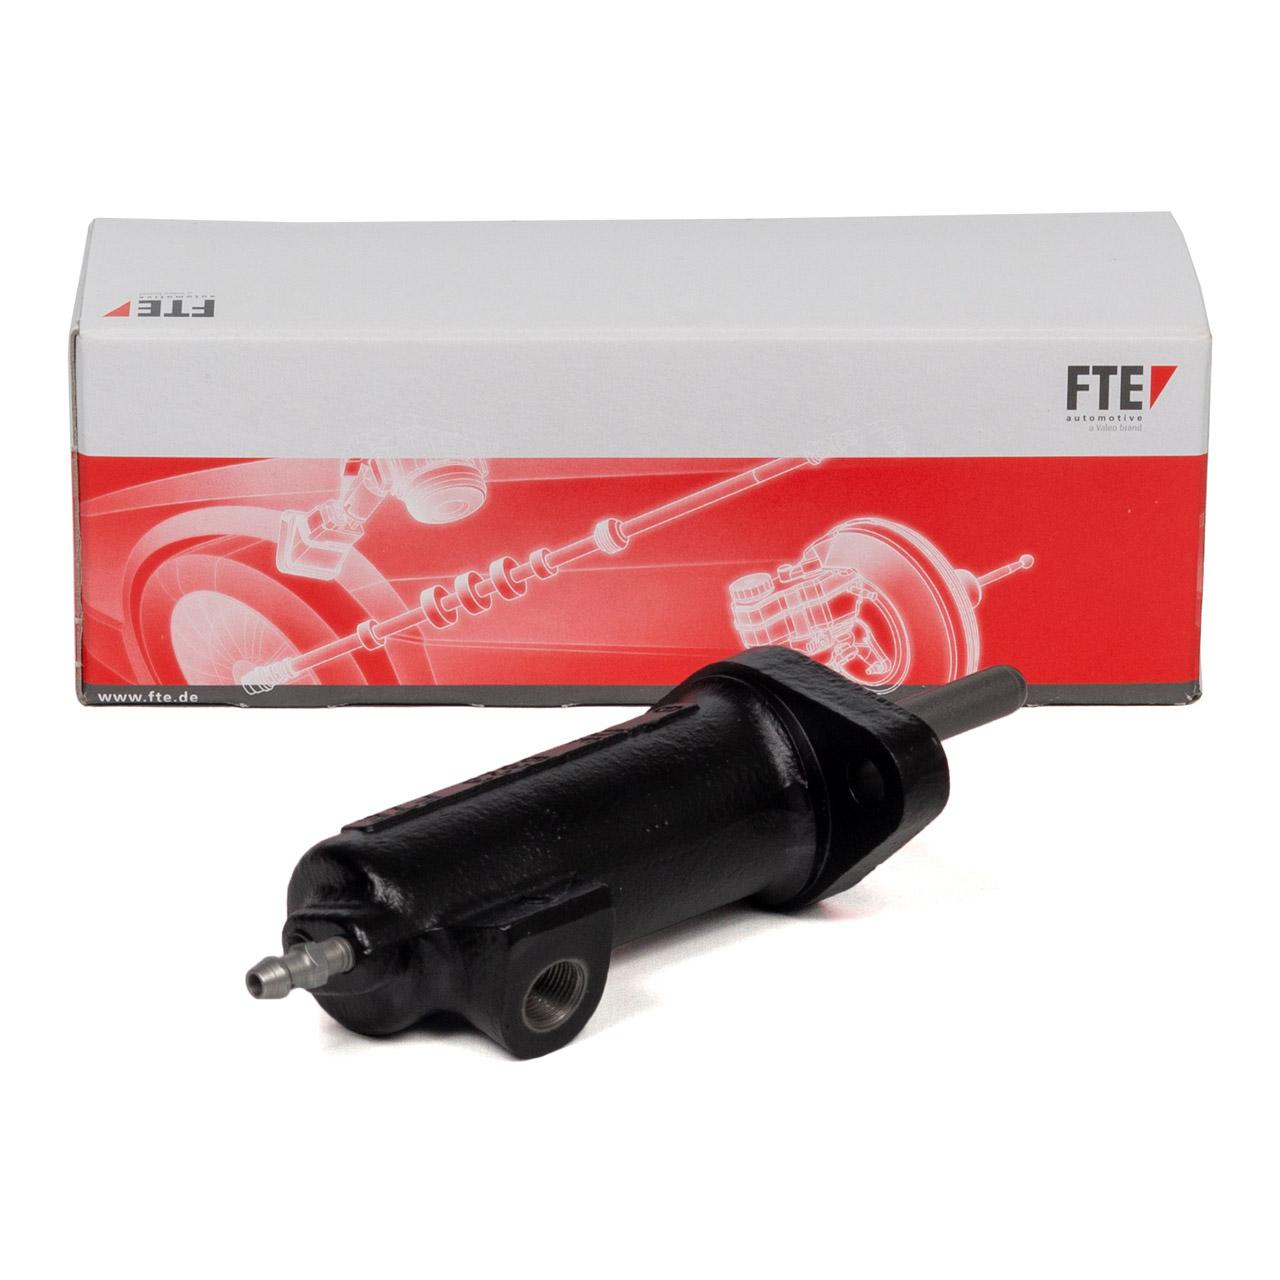 FTE Nehmerzylinder PORSCHE 924 2.0 Turbo/Carrera GT 2.5 S + 944 94411623700